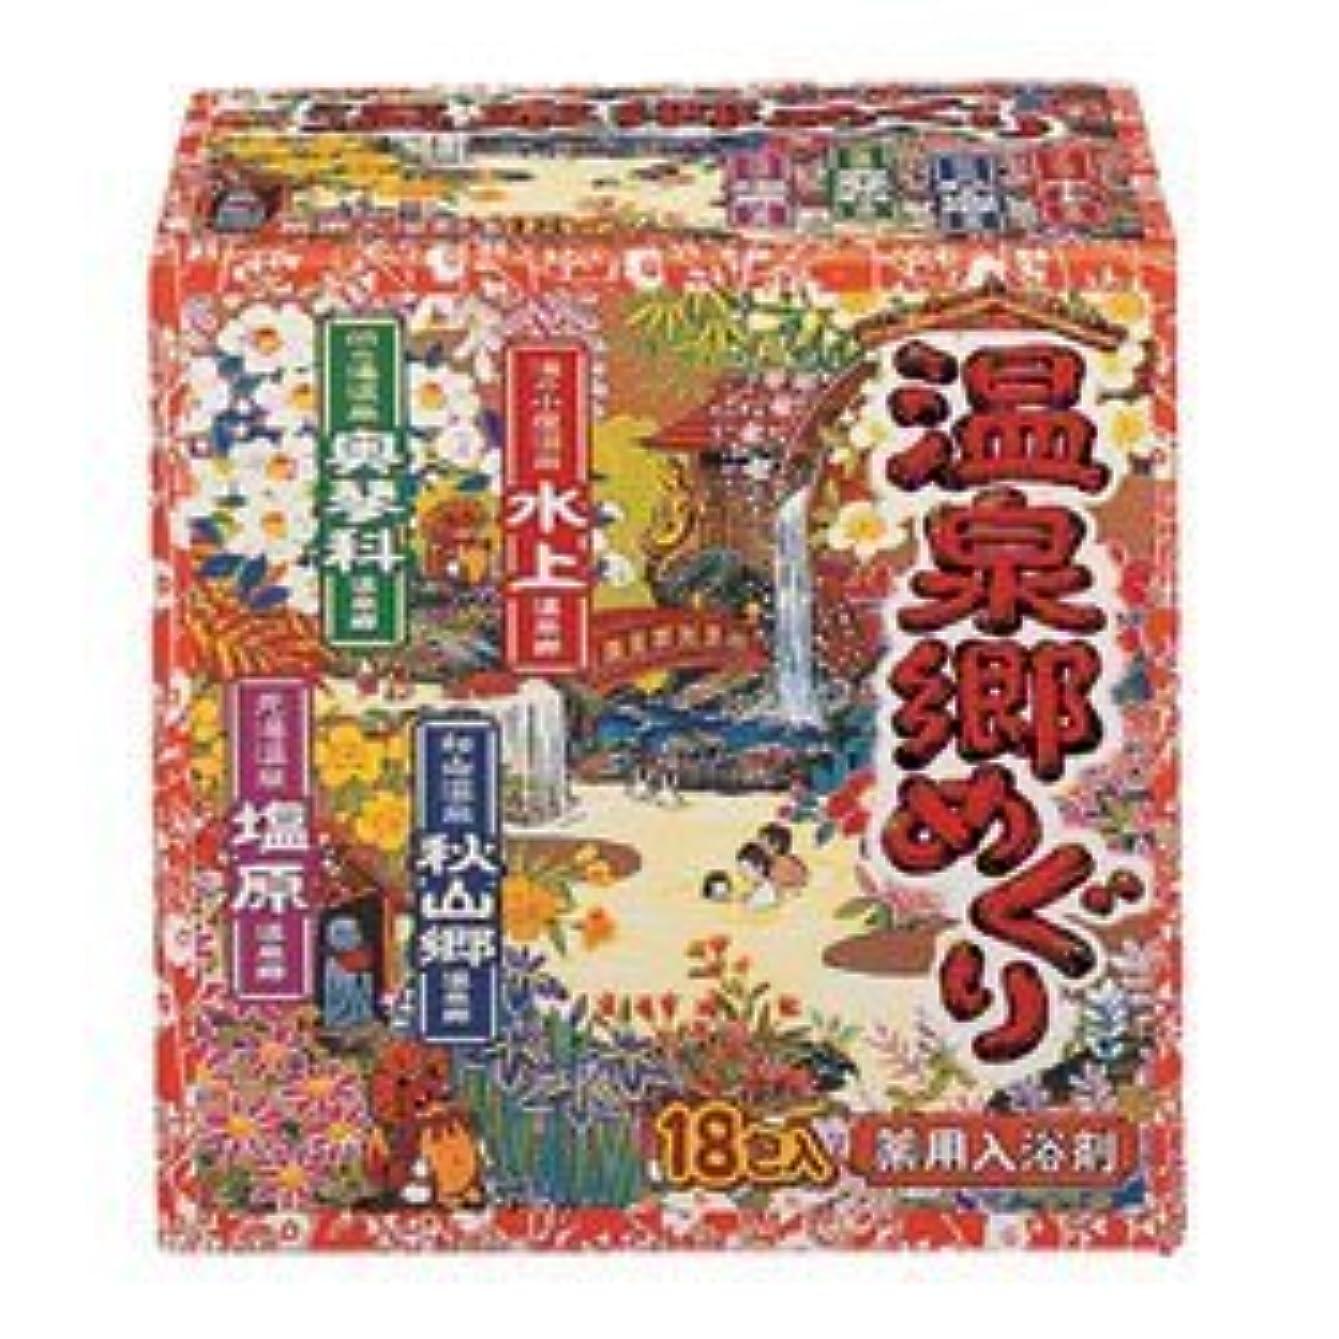 【アース製薬】温泉郷めぐり 入浴剤 18包入 ×3個セット